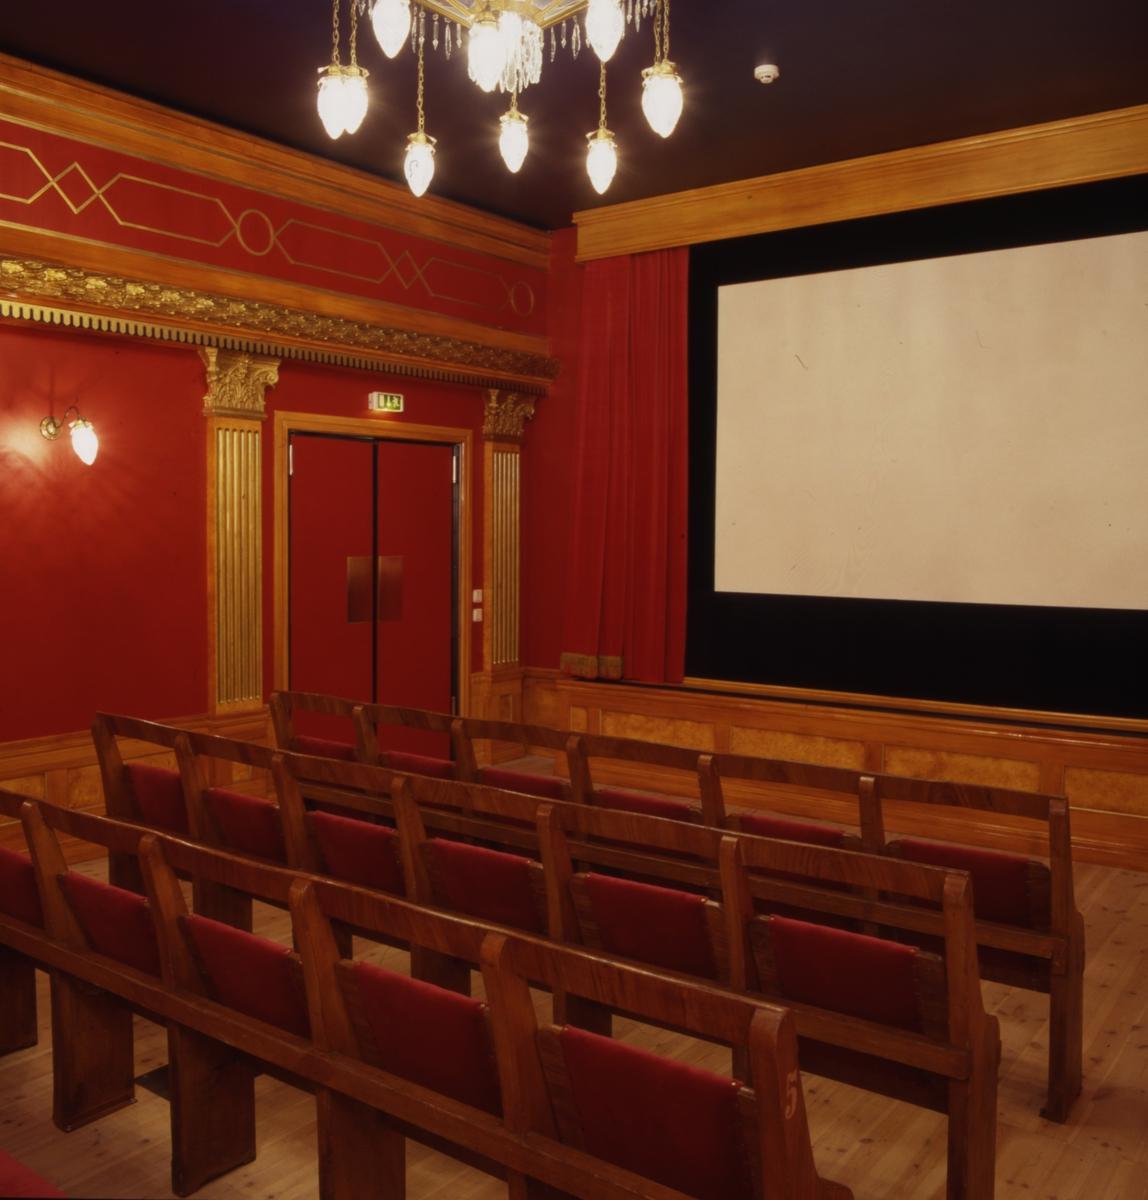 Museets biografsalong interiört. Minisalong på andra våningen med plats för 30 personer, med några fragment från den i Karlskrona på sin tid berömda örlogs-eller varvsteatern har man återskapat en lokal att användas vid bildörevisningar, föredrag och diskussioner för mindre grupper.